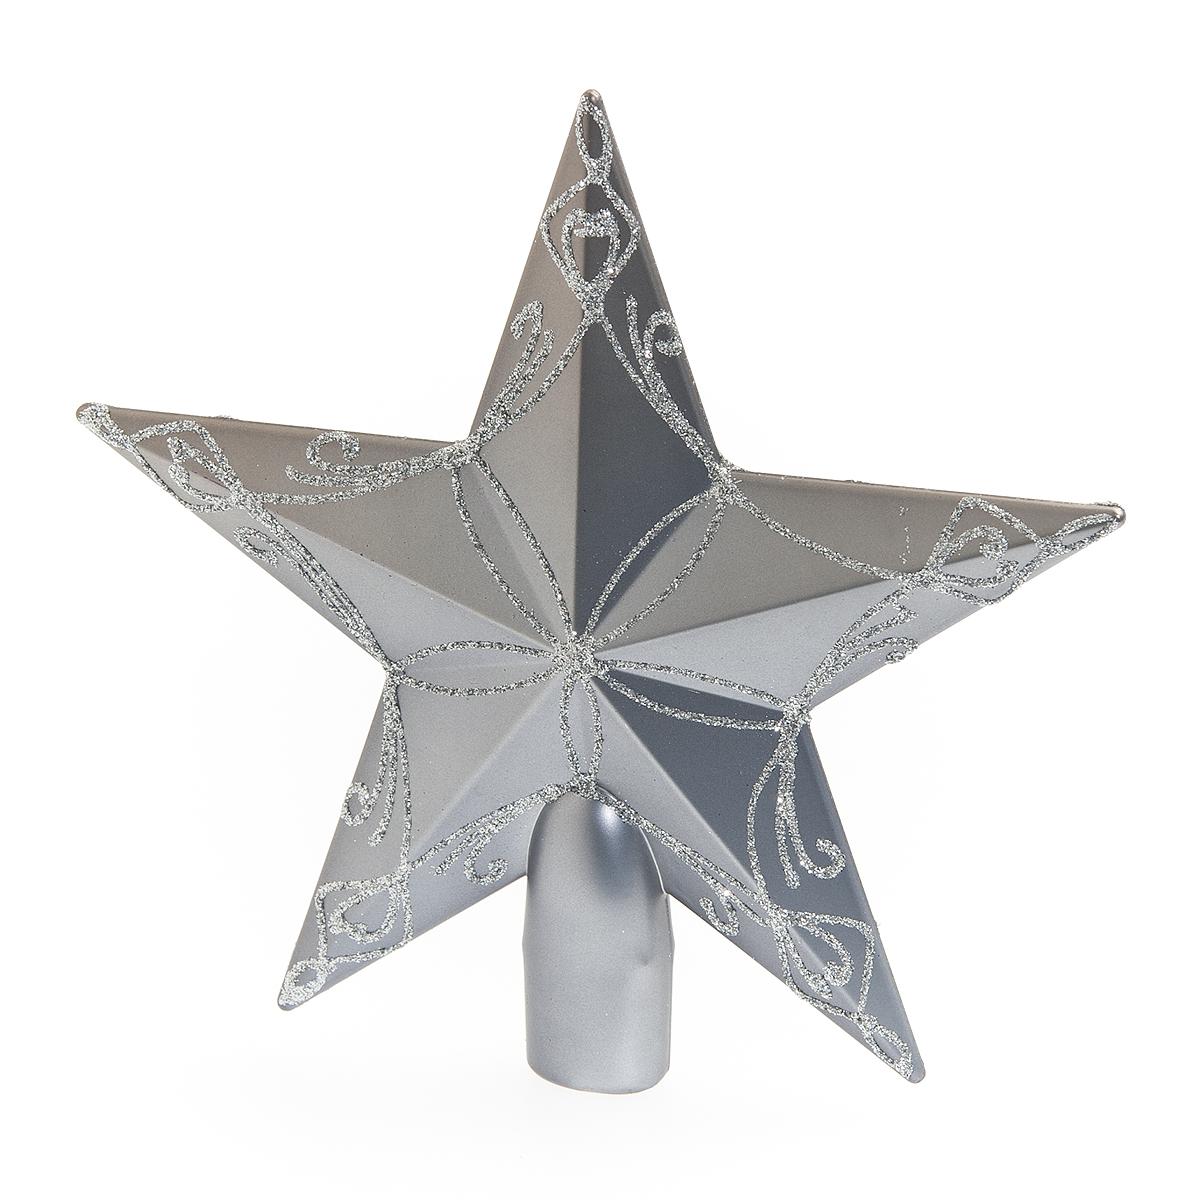 Верхушка на елку Lunten Ranta Кремлевская звезда, цвет: серый, серебристый, высота 20 см65503Верхушка на елку Lunten Ranta Кремлевская звезда прекрасно подойдет для декора новогодней елки. Изделие выполнено из высококачественного пластика в виде звезды и украшено красочным орнаментом. Такая верхушка преобразит вашу елку в преддверии праздника и создаст особое настроение новогоднего торжества. Изящество линий, уникальный дизайн - эта верхушка совершенно не похожа на классические новогодние украшения. Высота верхушки: 20 см. Диаметр основания: 2 см.